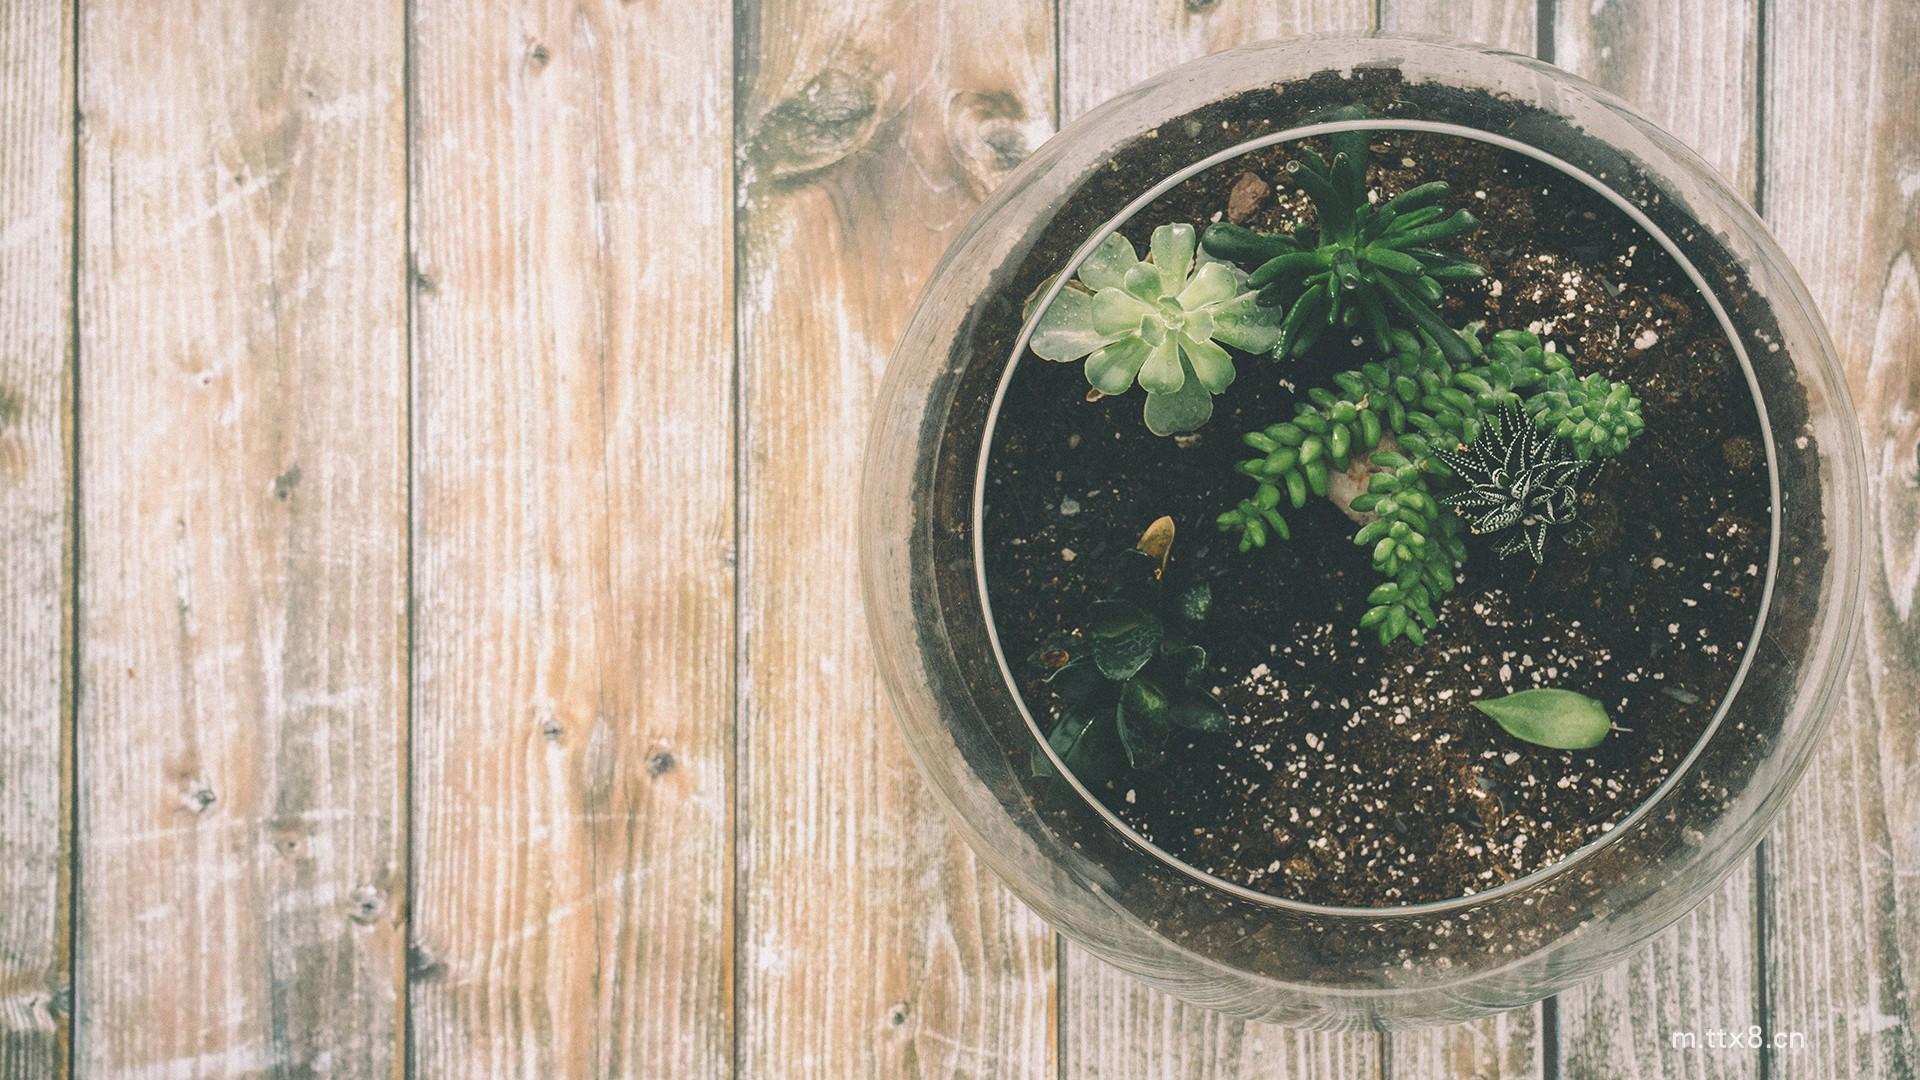 小清新花卉植物盆栽图片大全高清桌面壁纸